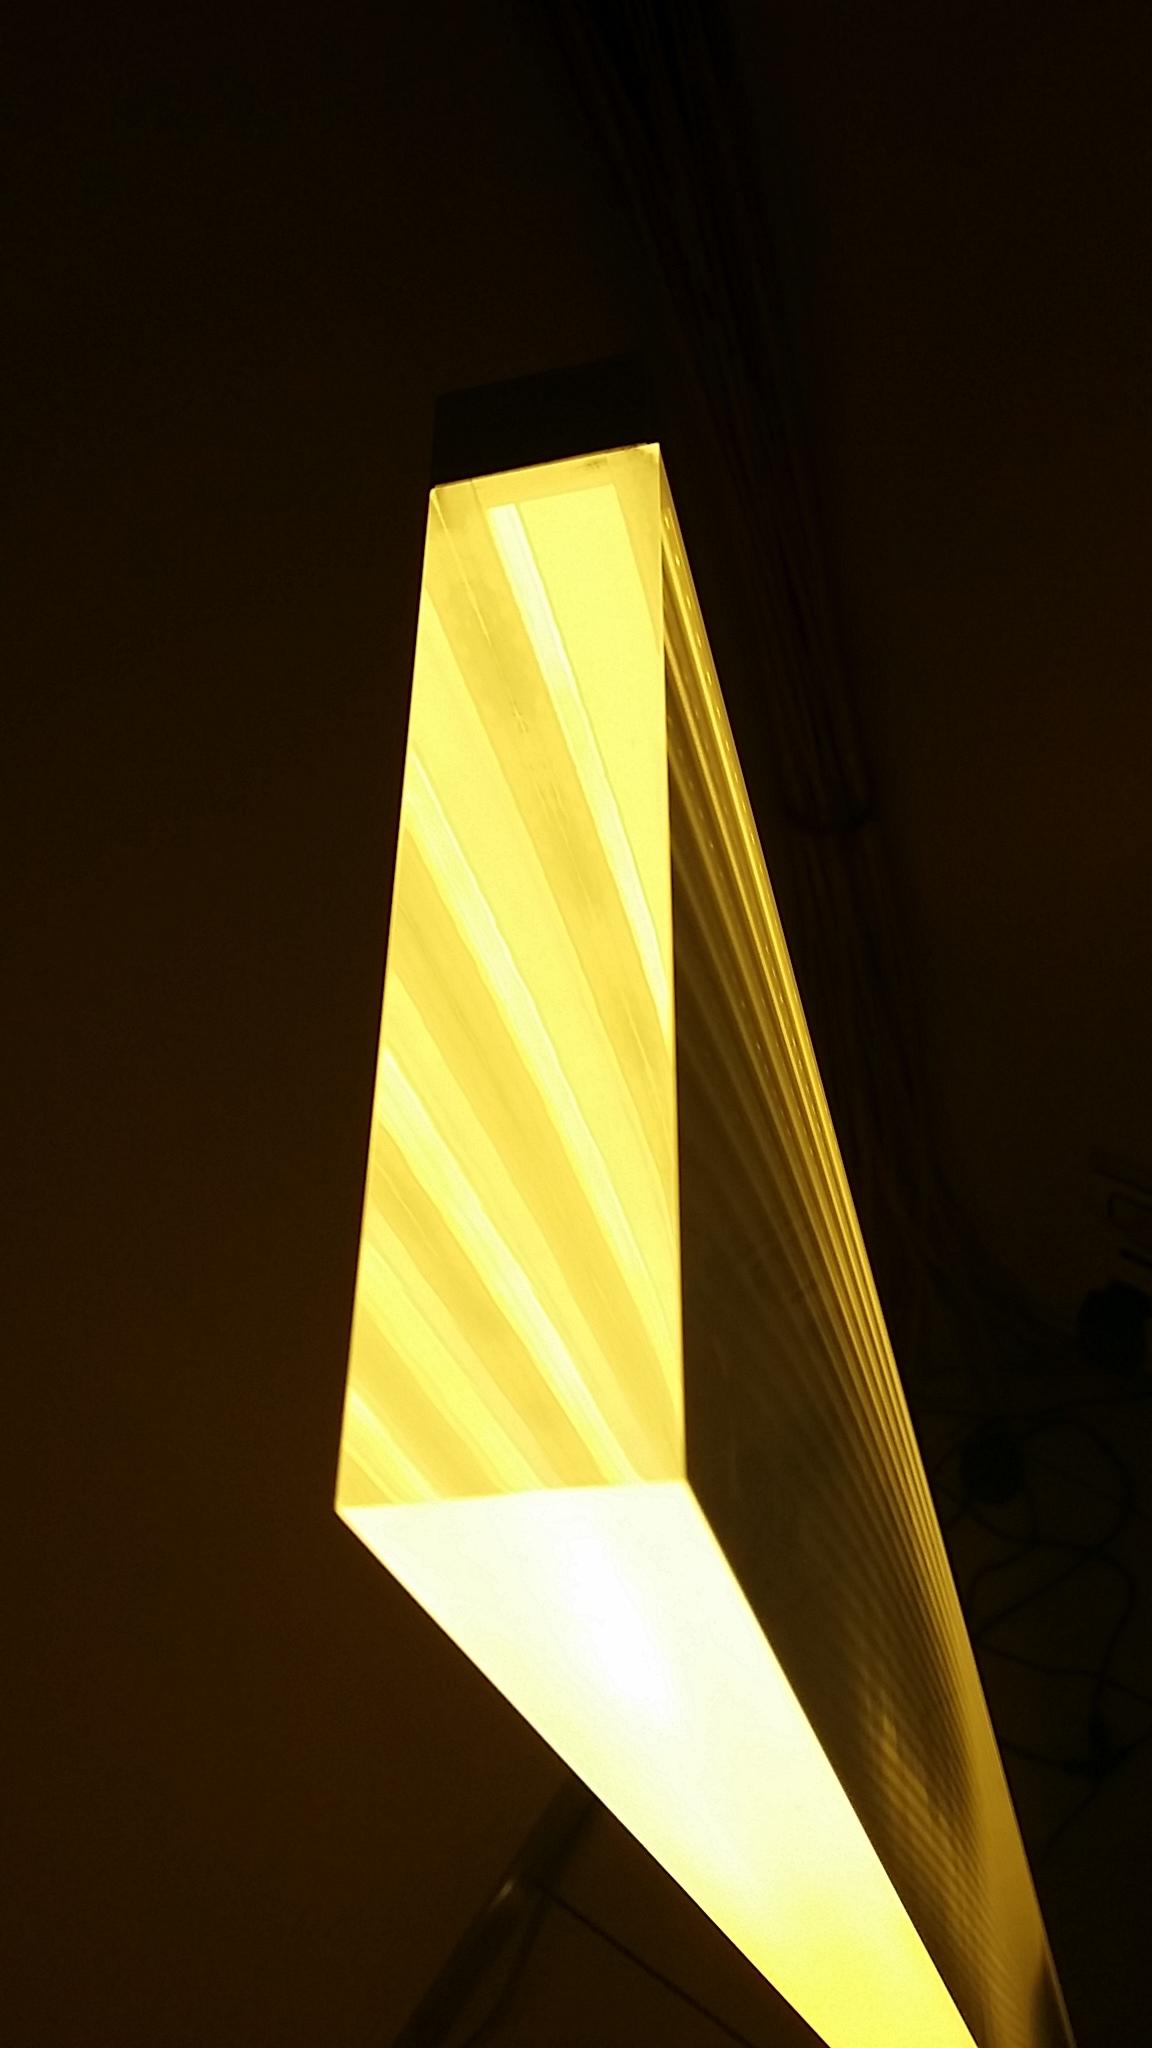 Prezzi Illuminazione Lampade Da Tavolo In Offerta  blackhairstylecuts.com